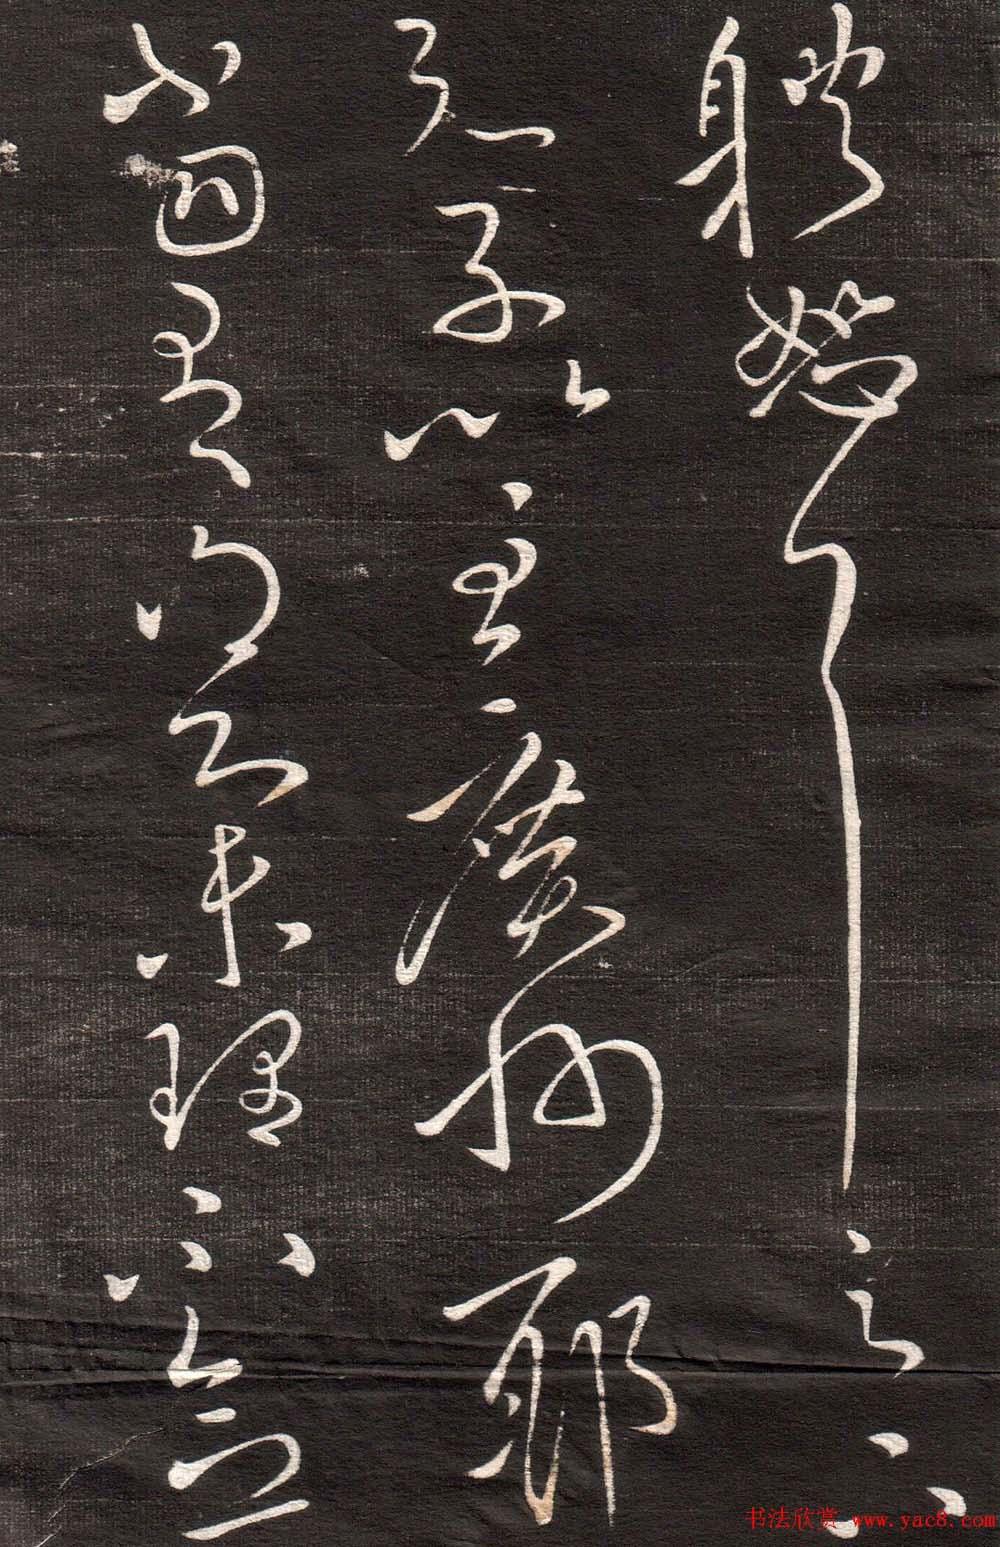 王献之草书字帖欣赏《眉寿堂卷四》